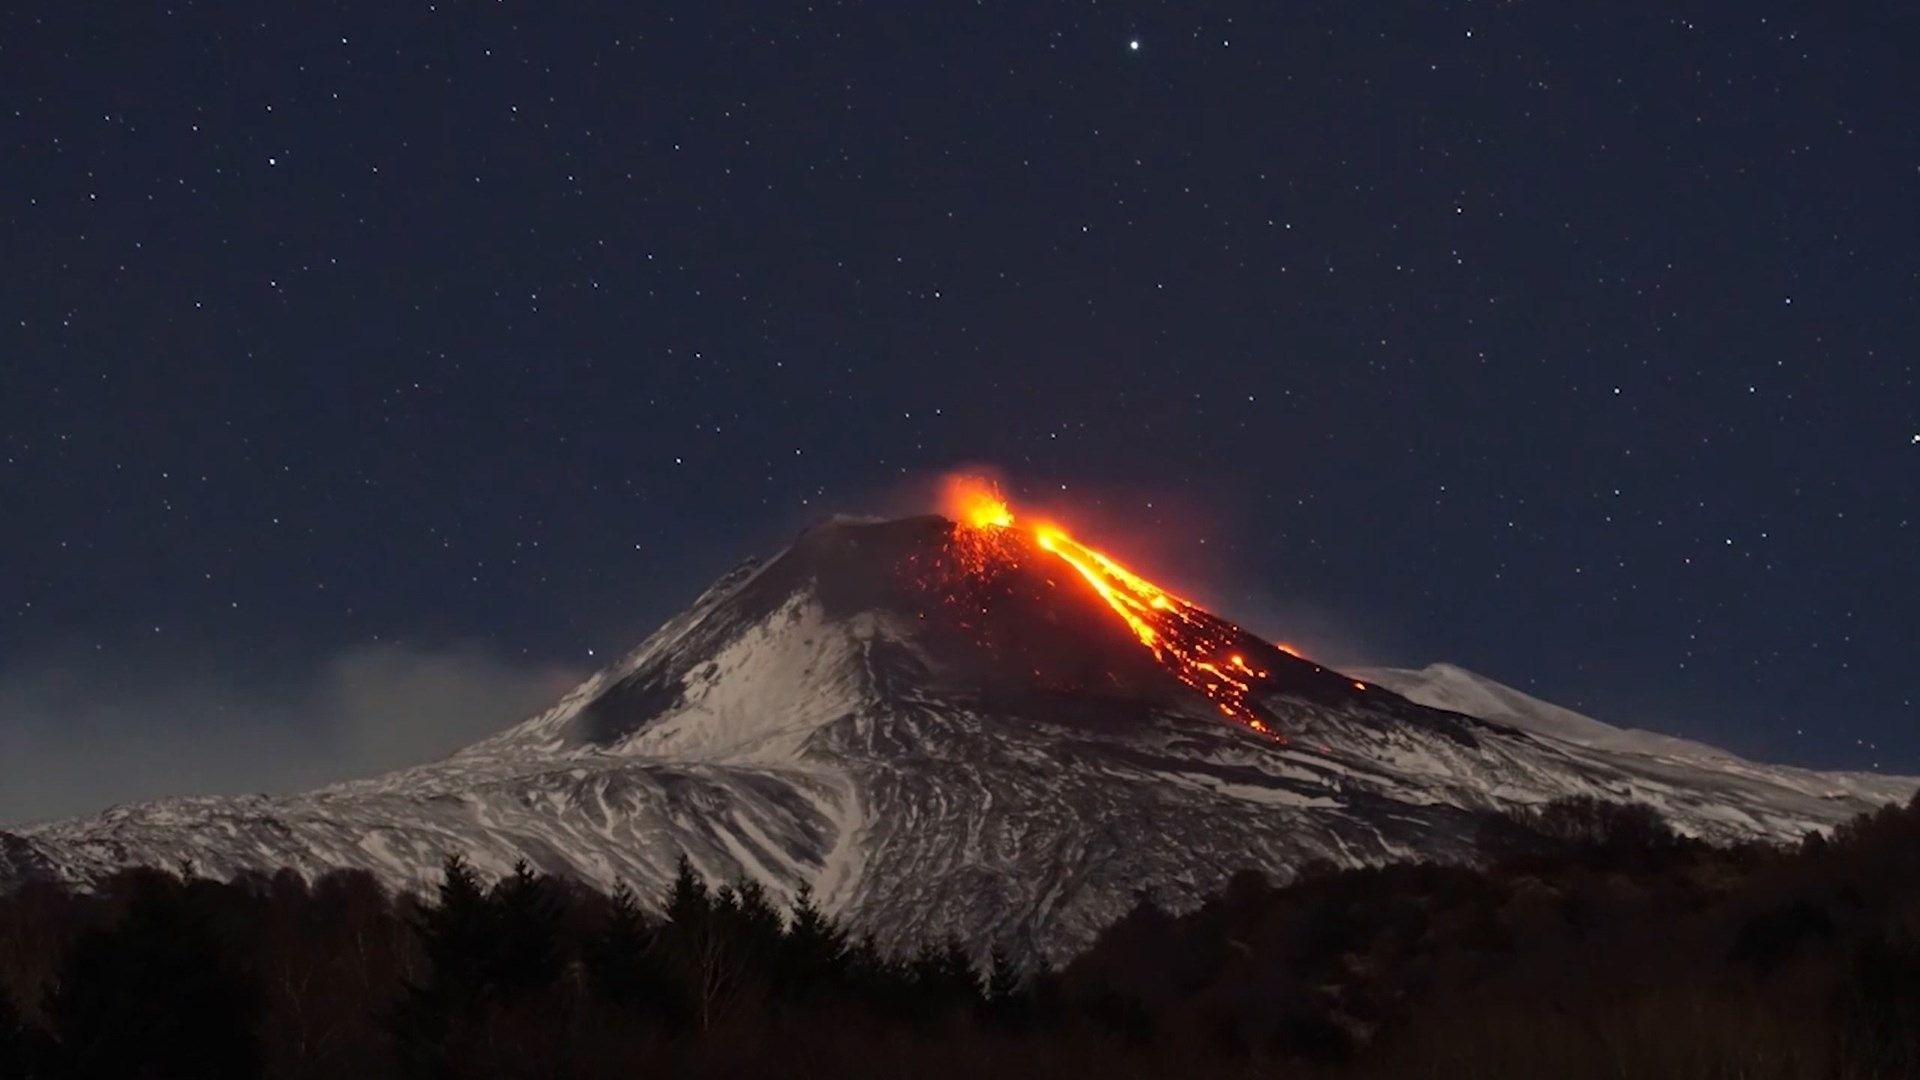 Timelapse impressionante capta erupção do Vulcão Etna